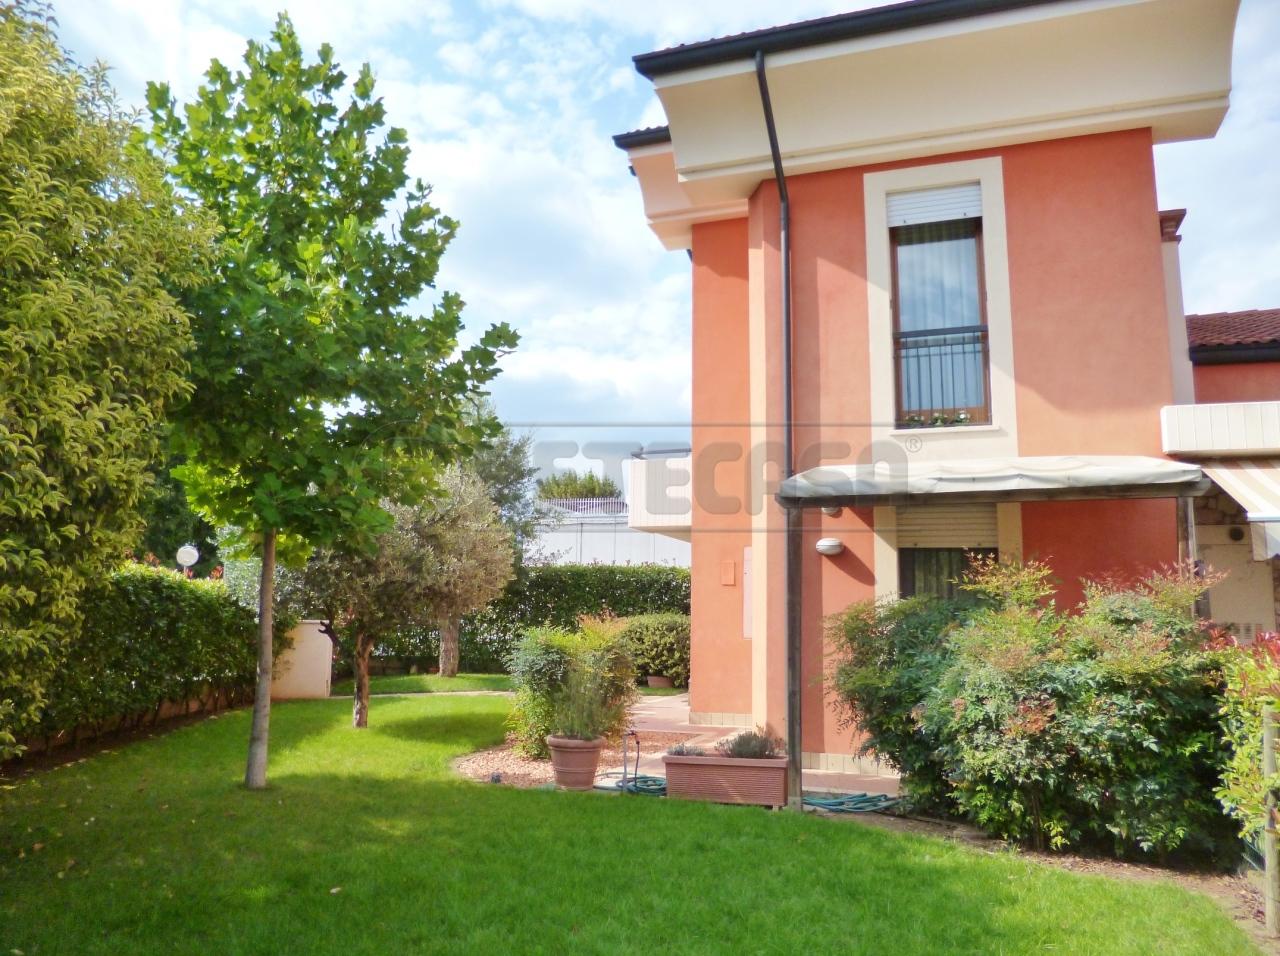 Villa a Schiera in vendita a Montebello Vicentino, 9999 locali, prezzo € 235.000 | Cambio Casa.it